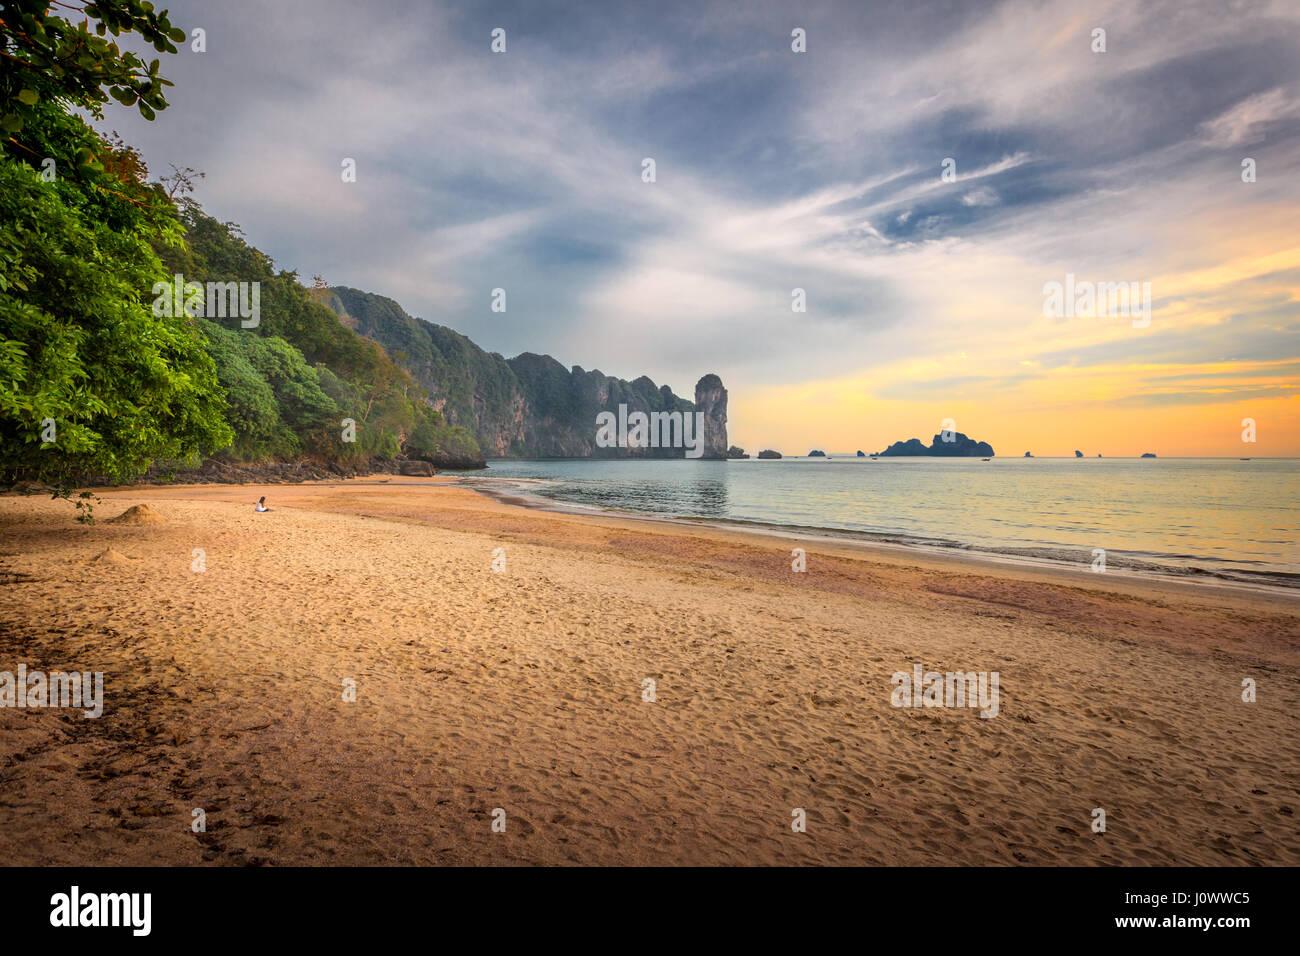 Ao Nang Beach au coucher du soleil, la province de Krabi, Thaïlande, Asie du Sud-Est Photo Stock